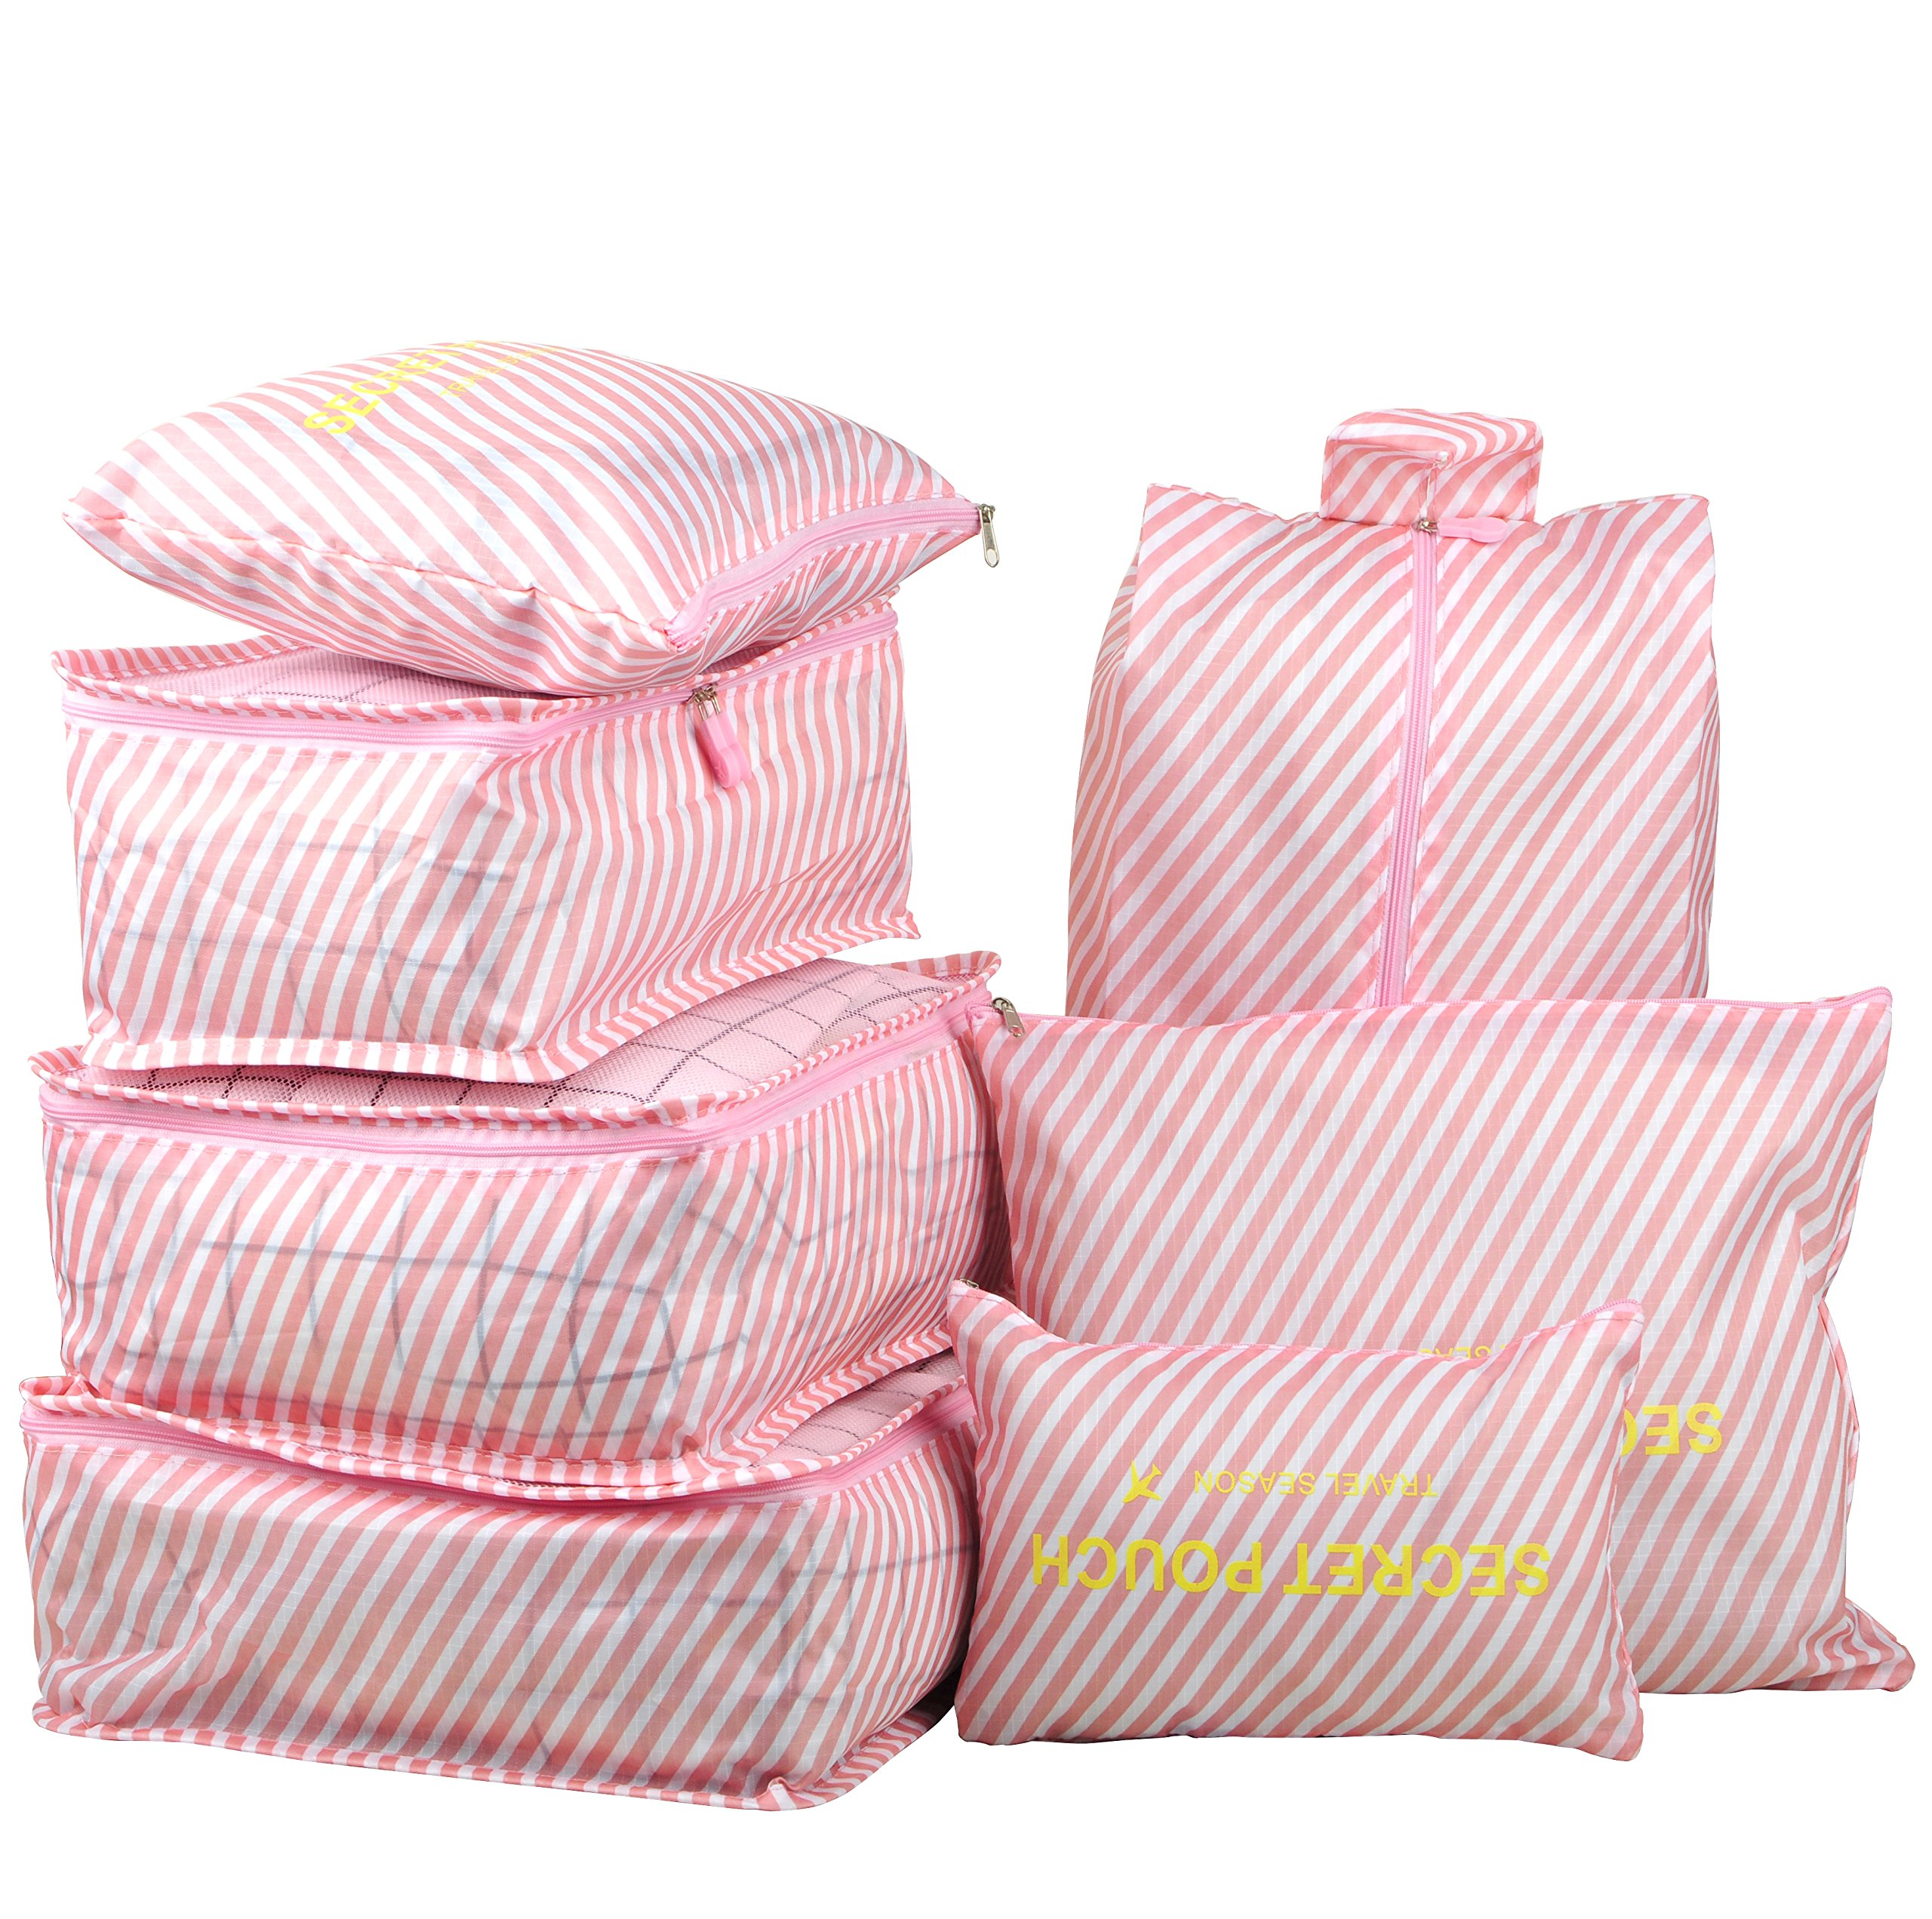 7 Set Travel Packing Organizer,Waterproof Mesh Durable Luggage Travel Cubes,1 Shoe Bag (Pink Stripe)